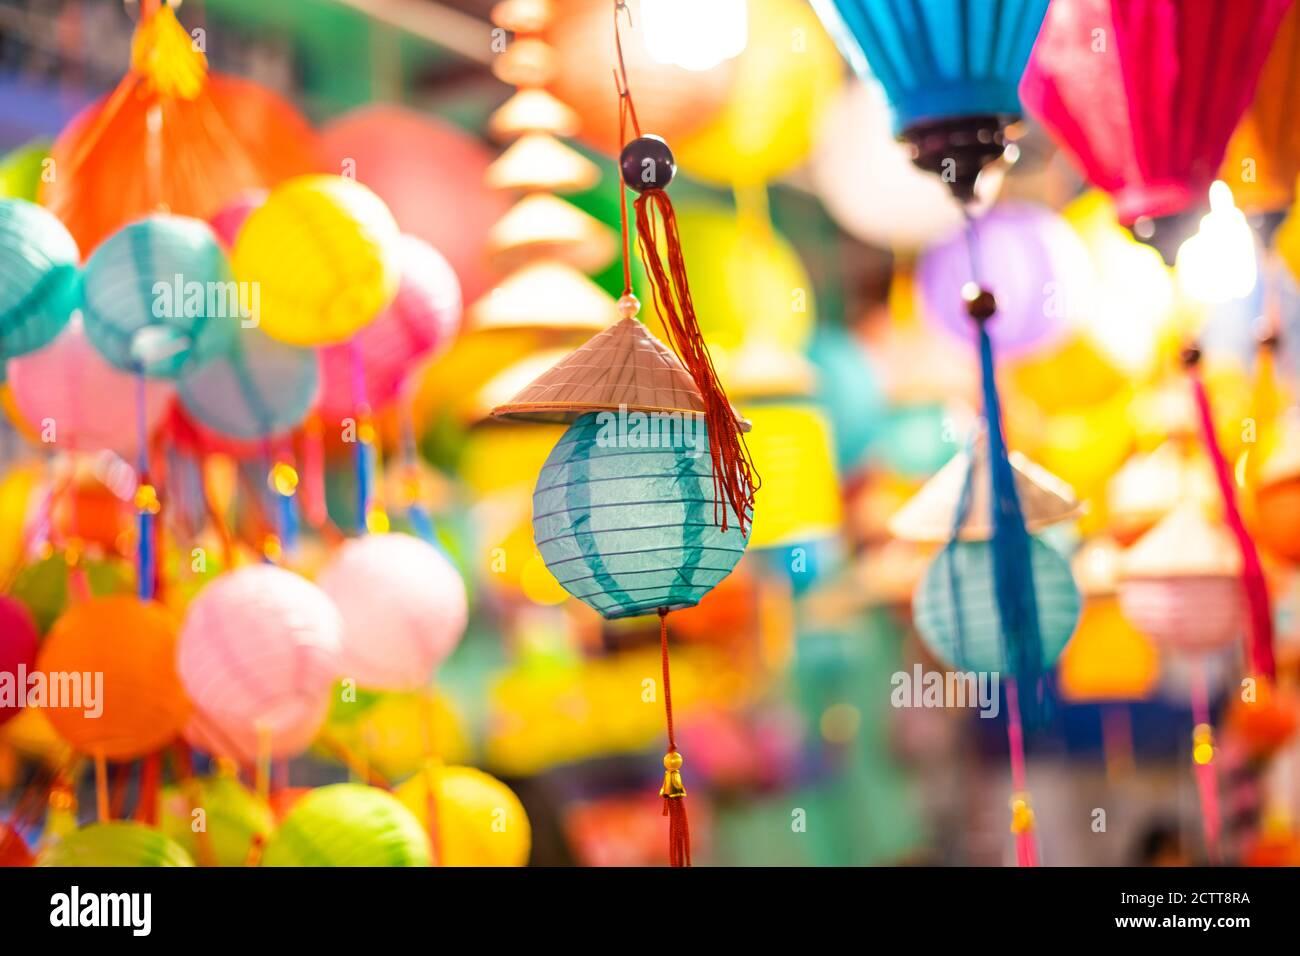 Faroles coloridos decorados colgando en un stand en las calles de Cholon en Ciudad Ho Chi Minh, Vietnam durante el Festival de mediados de Otoño. Idioma chino en p Foto de stock